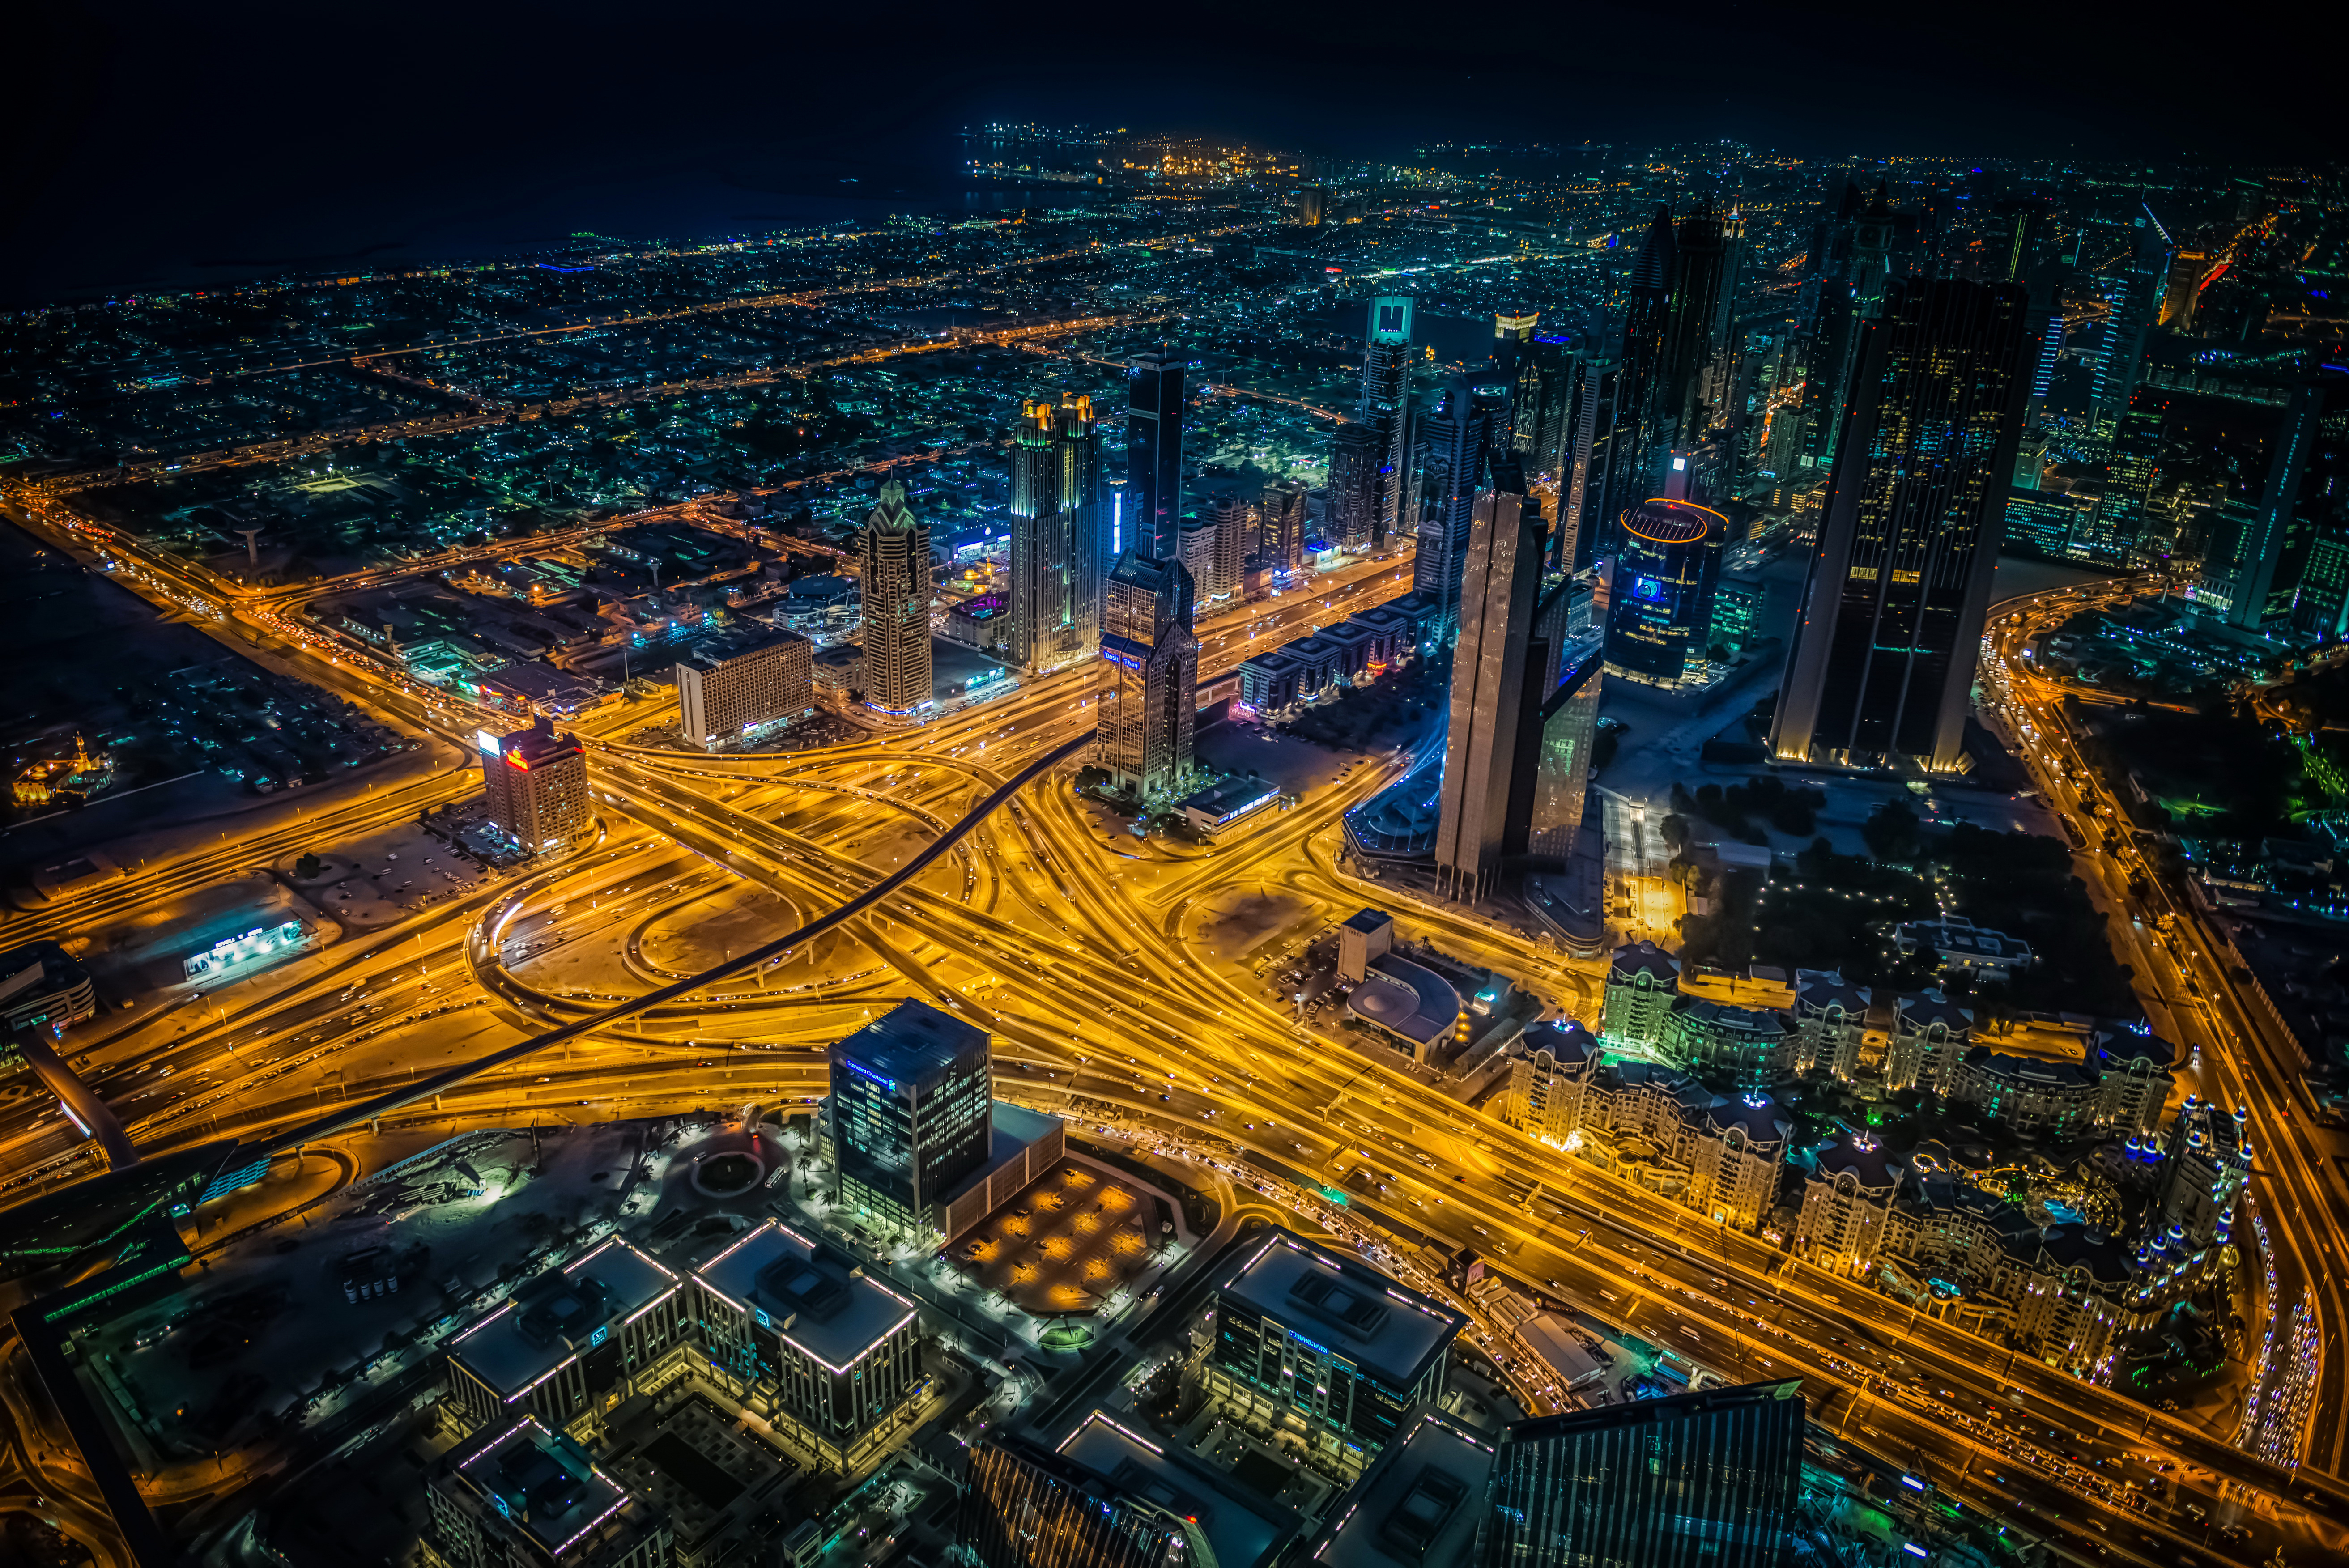 67044 Hintergrundbild herunterladen Roads, Städte, Wolkenkratzer, Blick Von Oben, Dubai, Nächtliche Stadt, Night City, Kreuzung - Bildschirmschoner und Bilder kostenlos